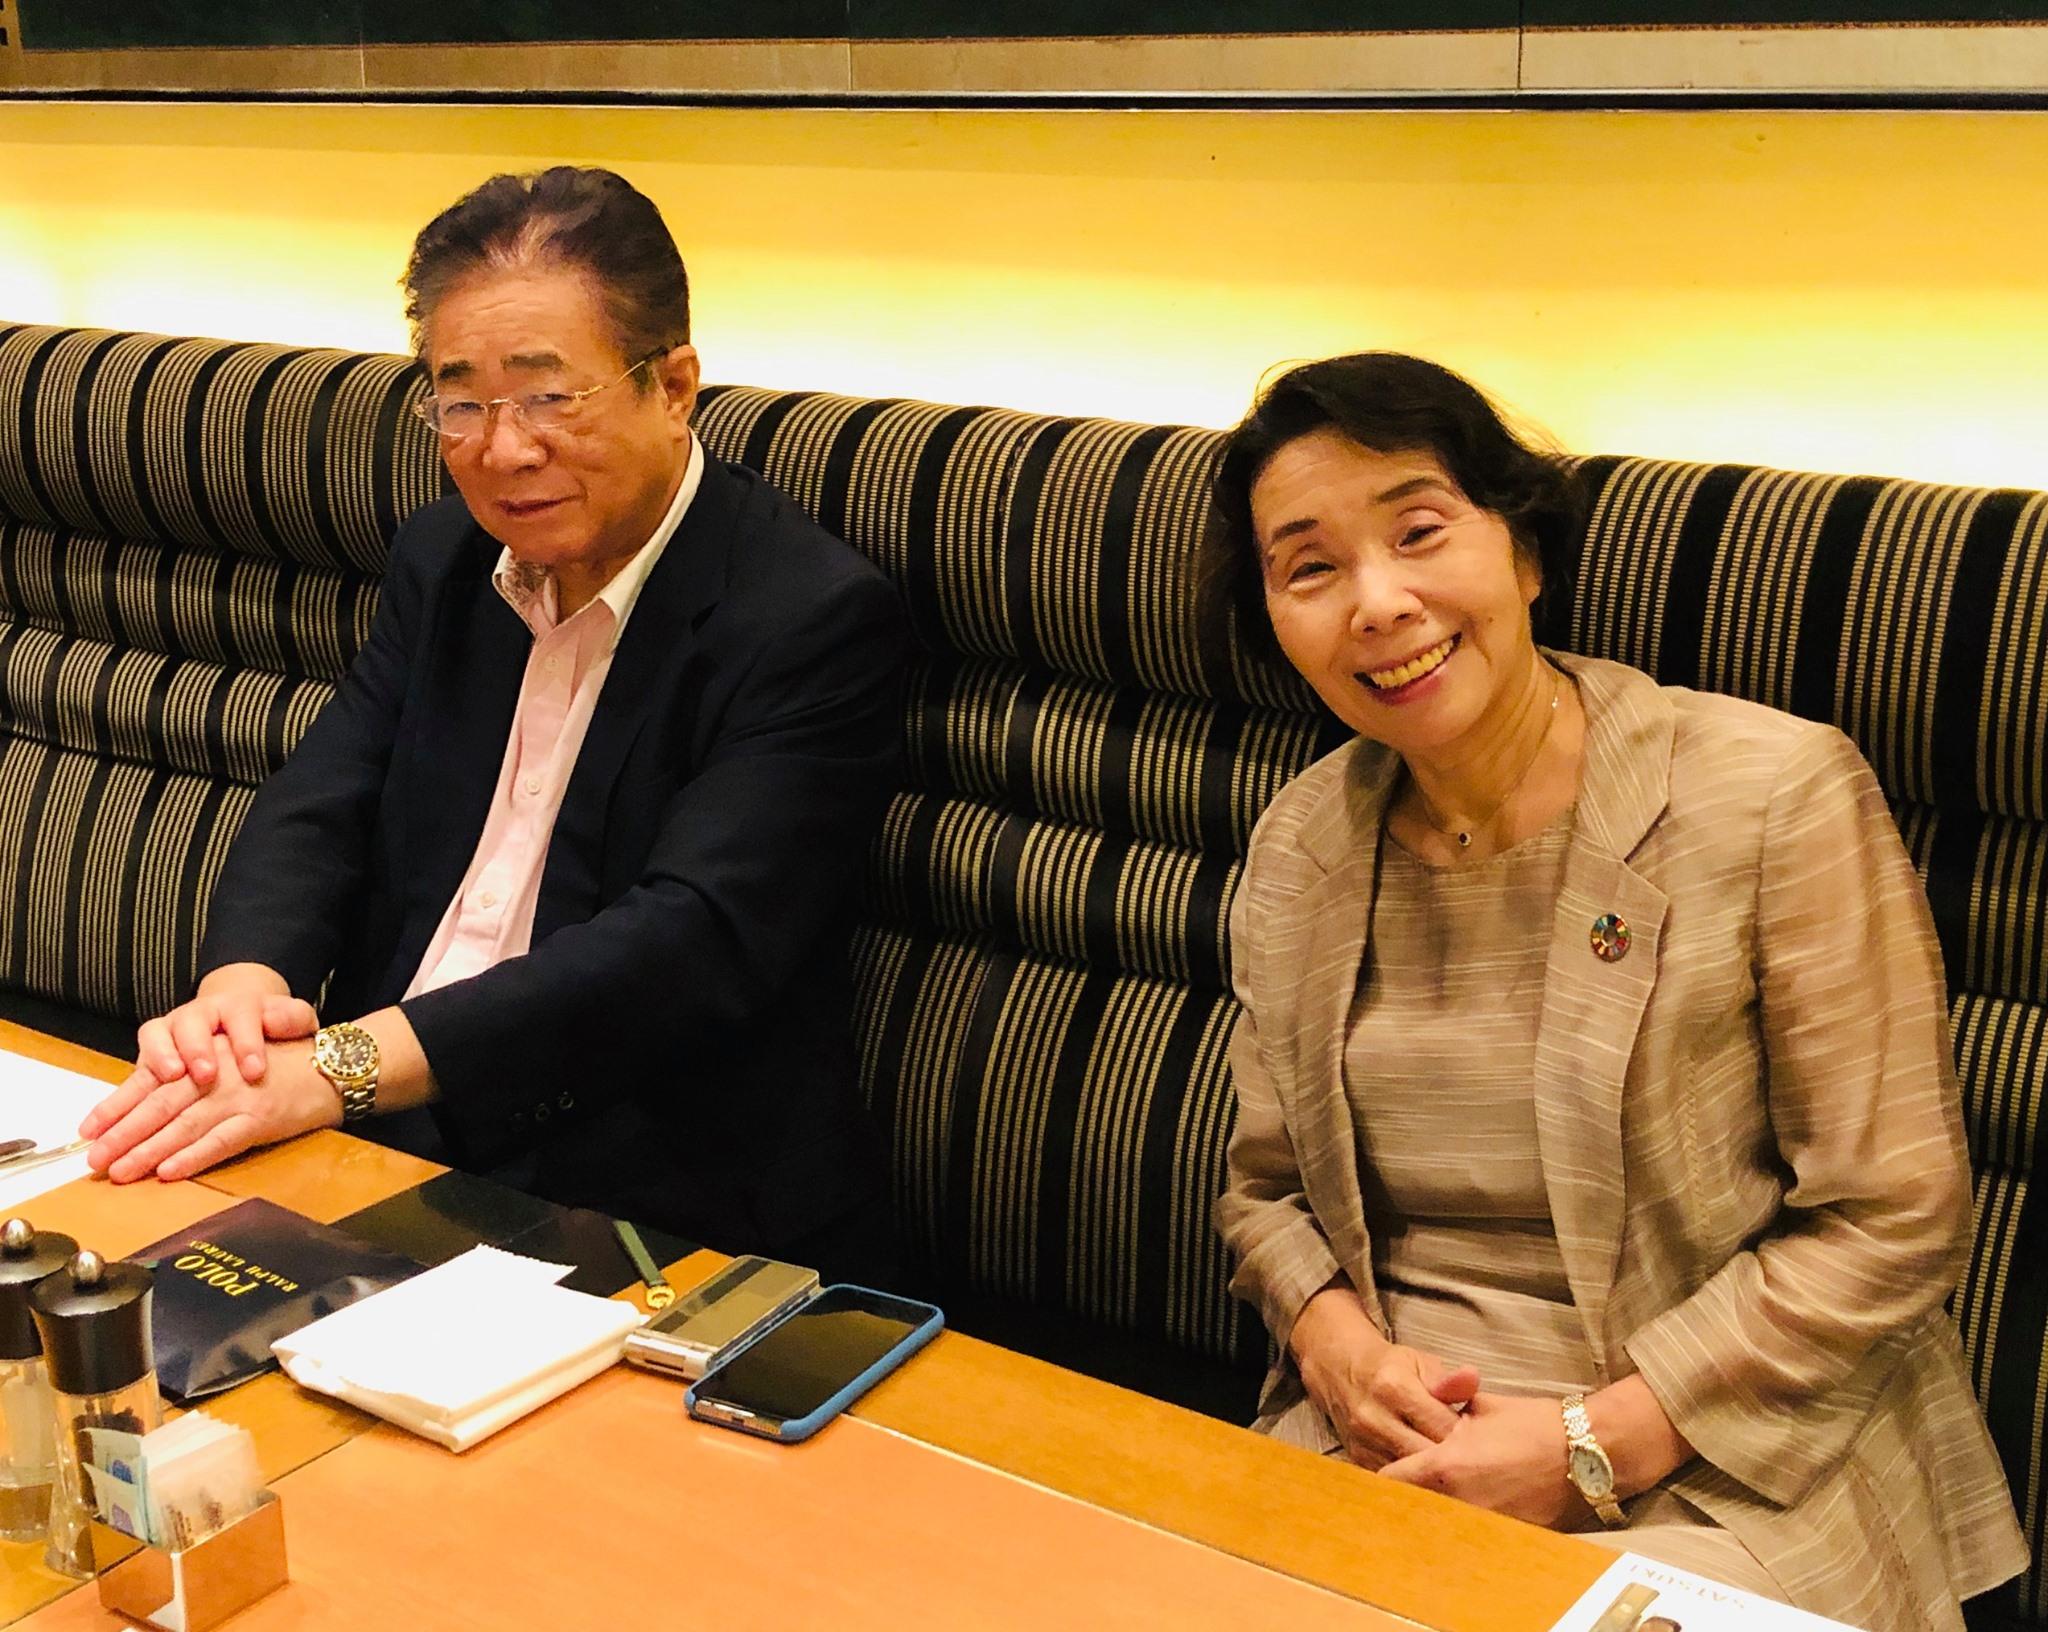 全国市長会会長の立谷秀清相馬市長と対話しました。